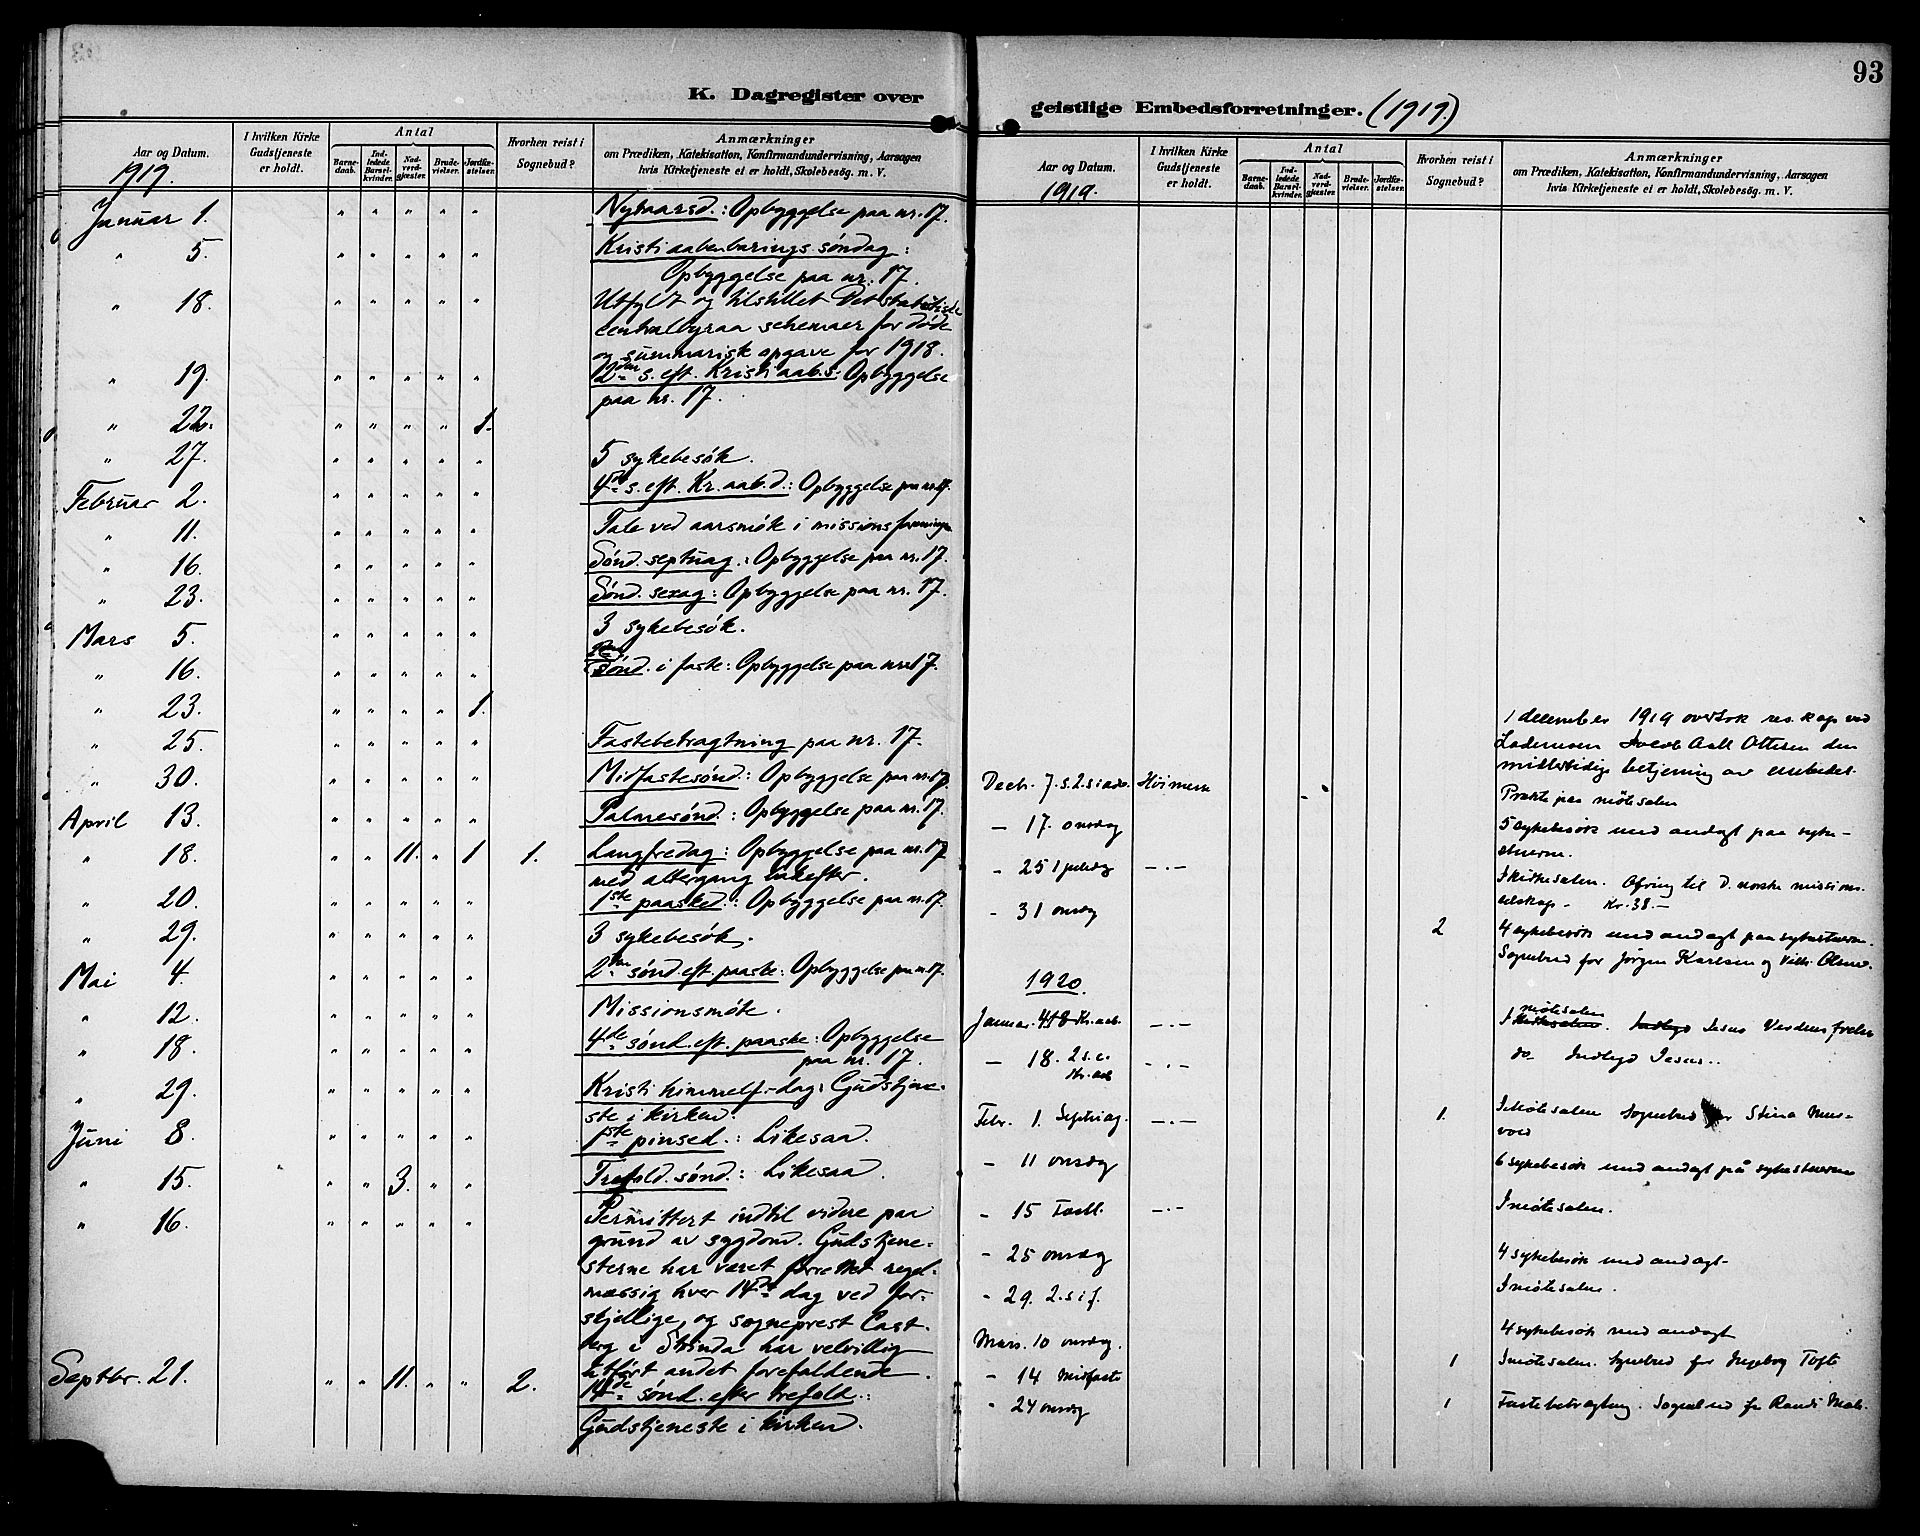 SAT, Ministerialprotokoller, klokkerbøker og fødselsregistre - Sør-Trøndelag, 629/L0486: Ministerialbok nr. 629A02, 1894-1919, s. 93